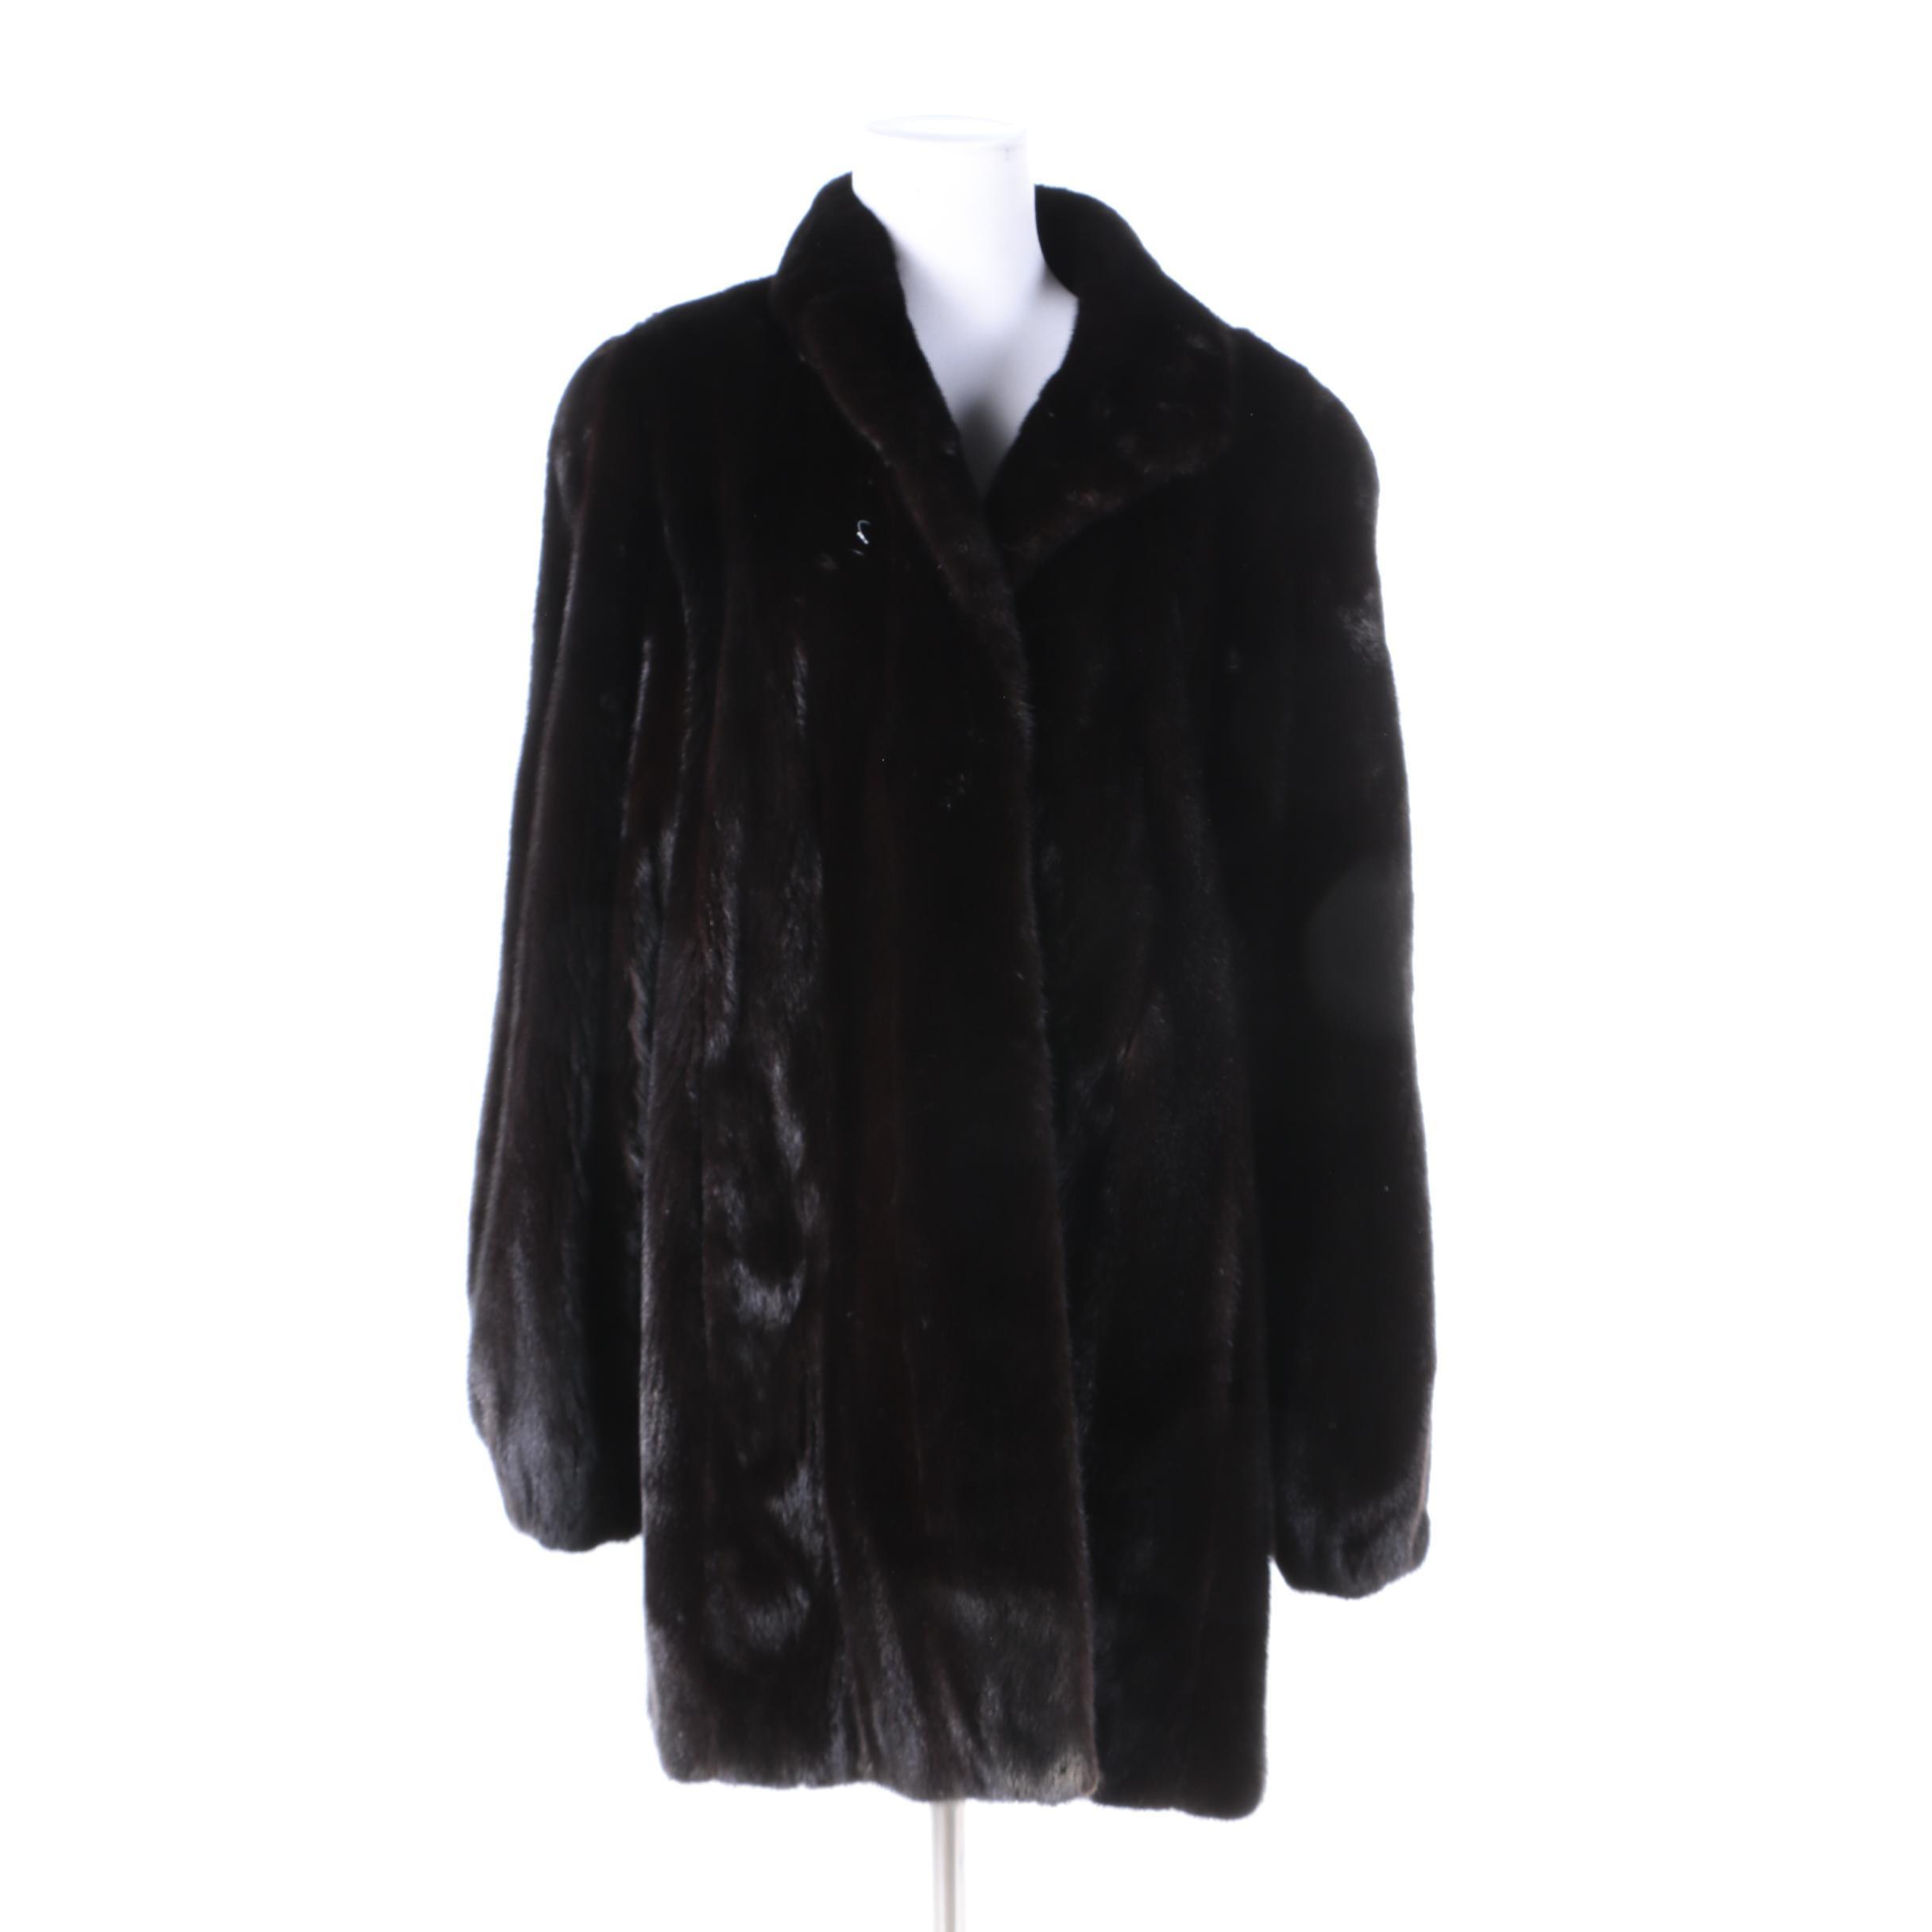 Vintage Black Mink Fur Coat